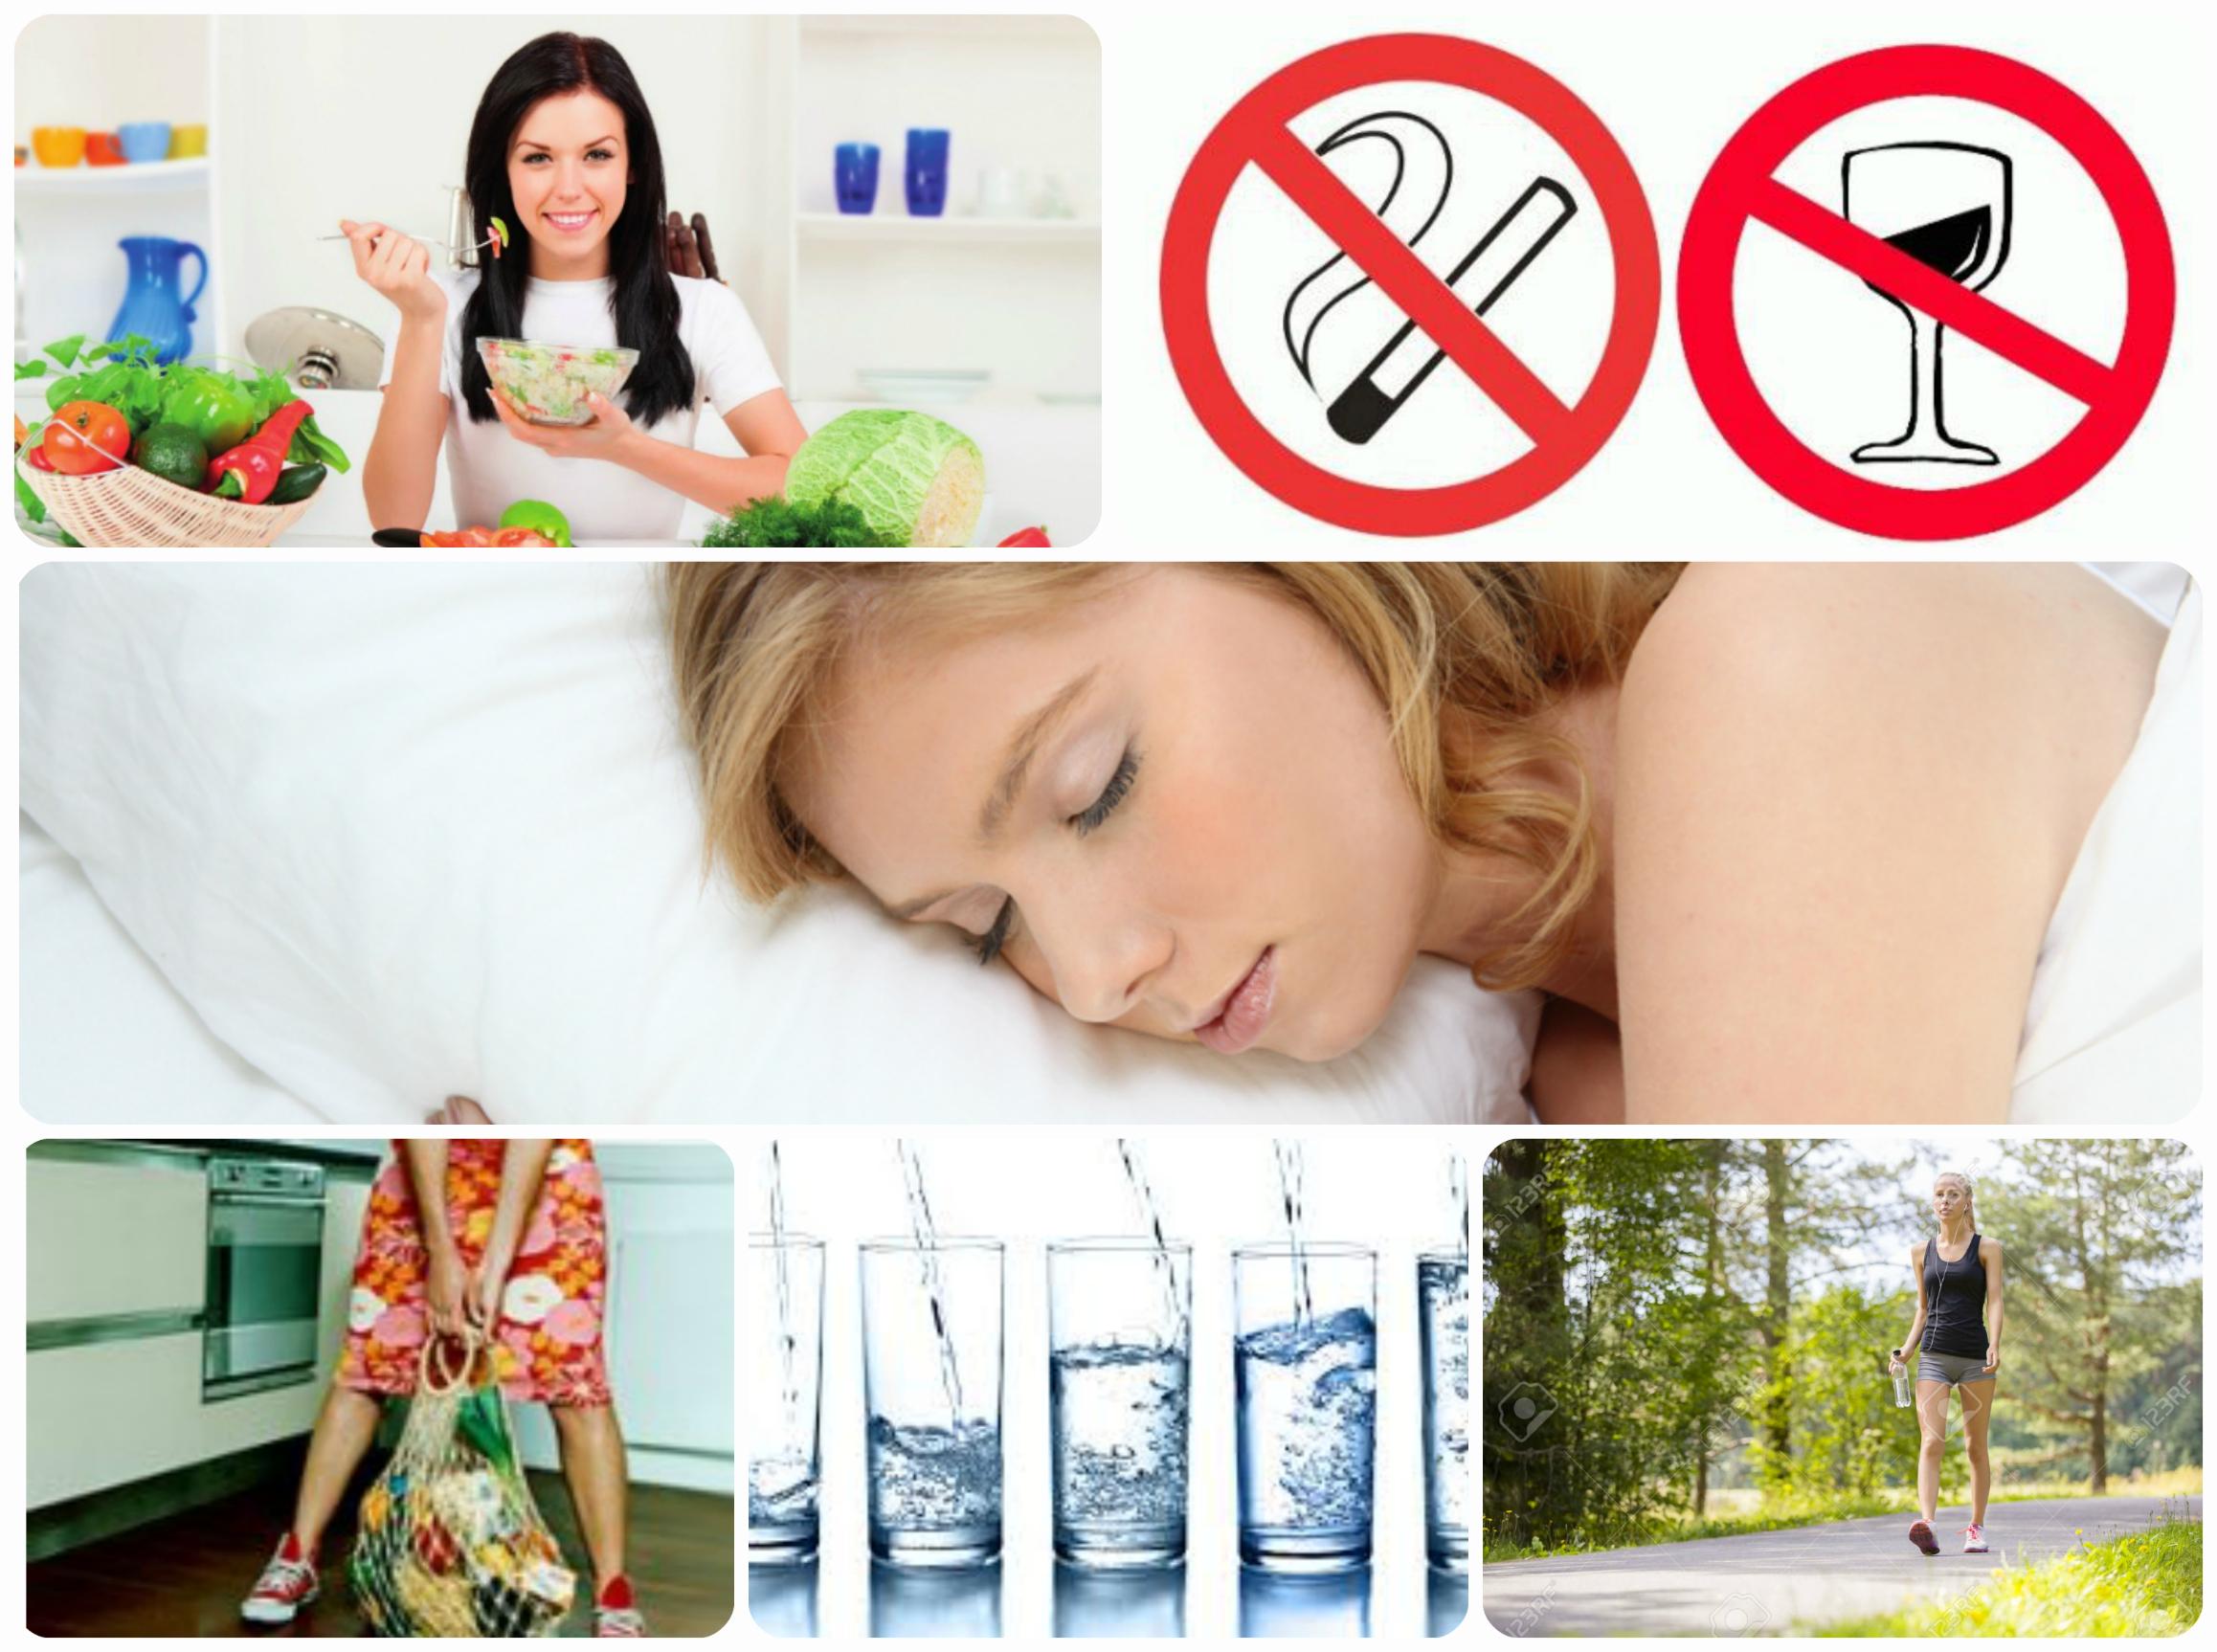 правильное питание, пить воду, сон, прогулка, отказ от вредных привычек